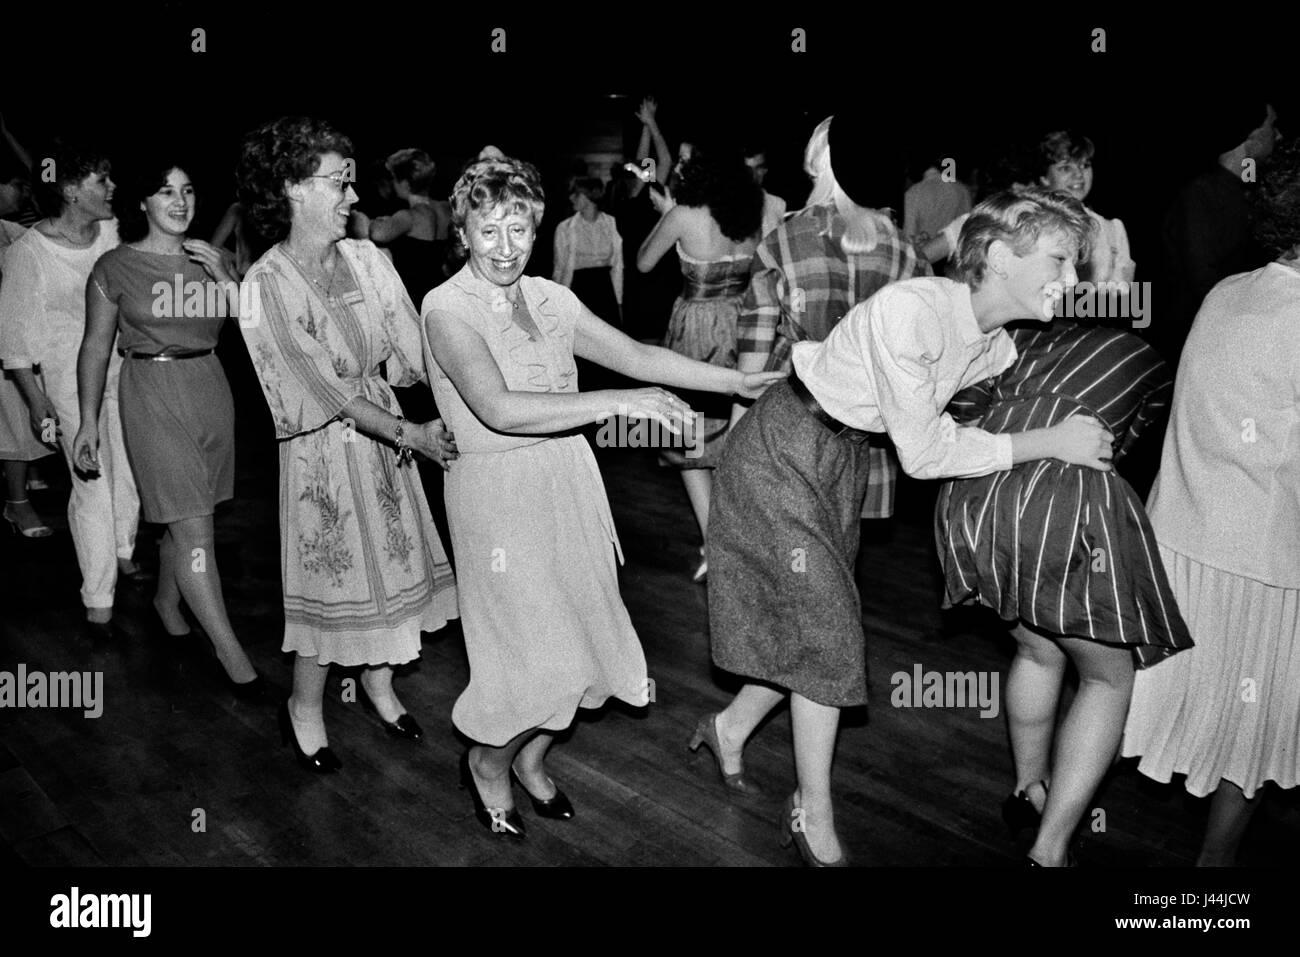 Línea de Conga todos sólo a niñas mujeres bailando juntos 1980 Londres, Reino Unido. Salón privado de despedida Foto de stock